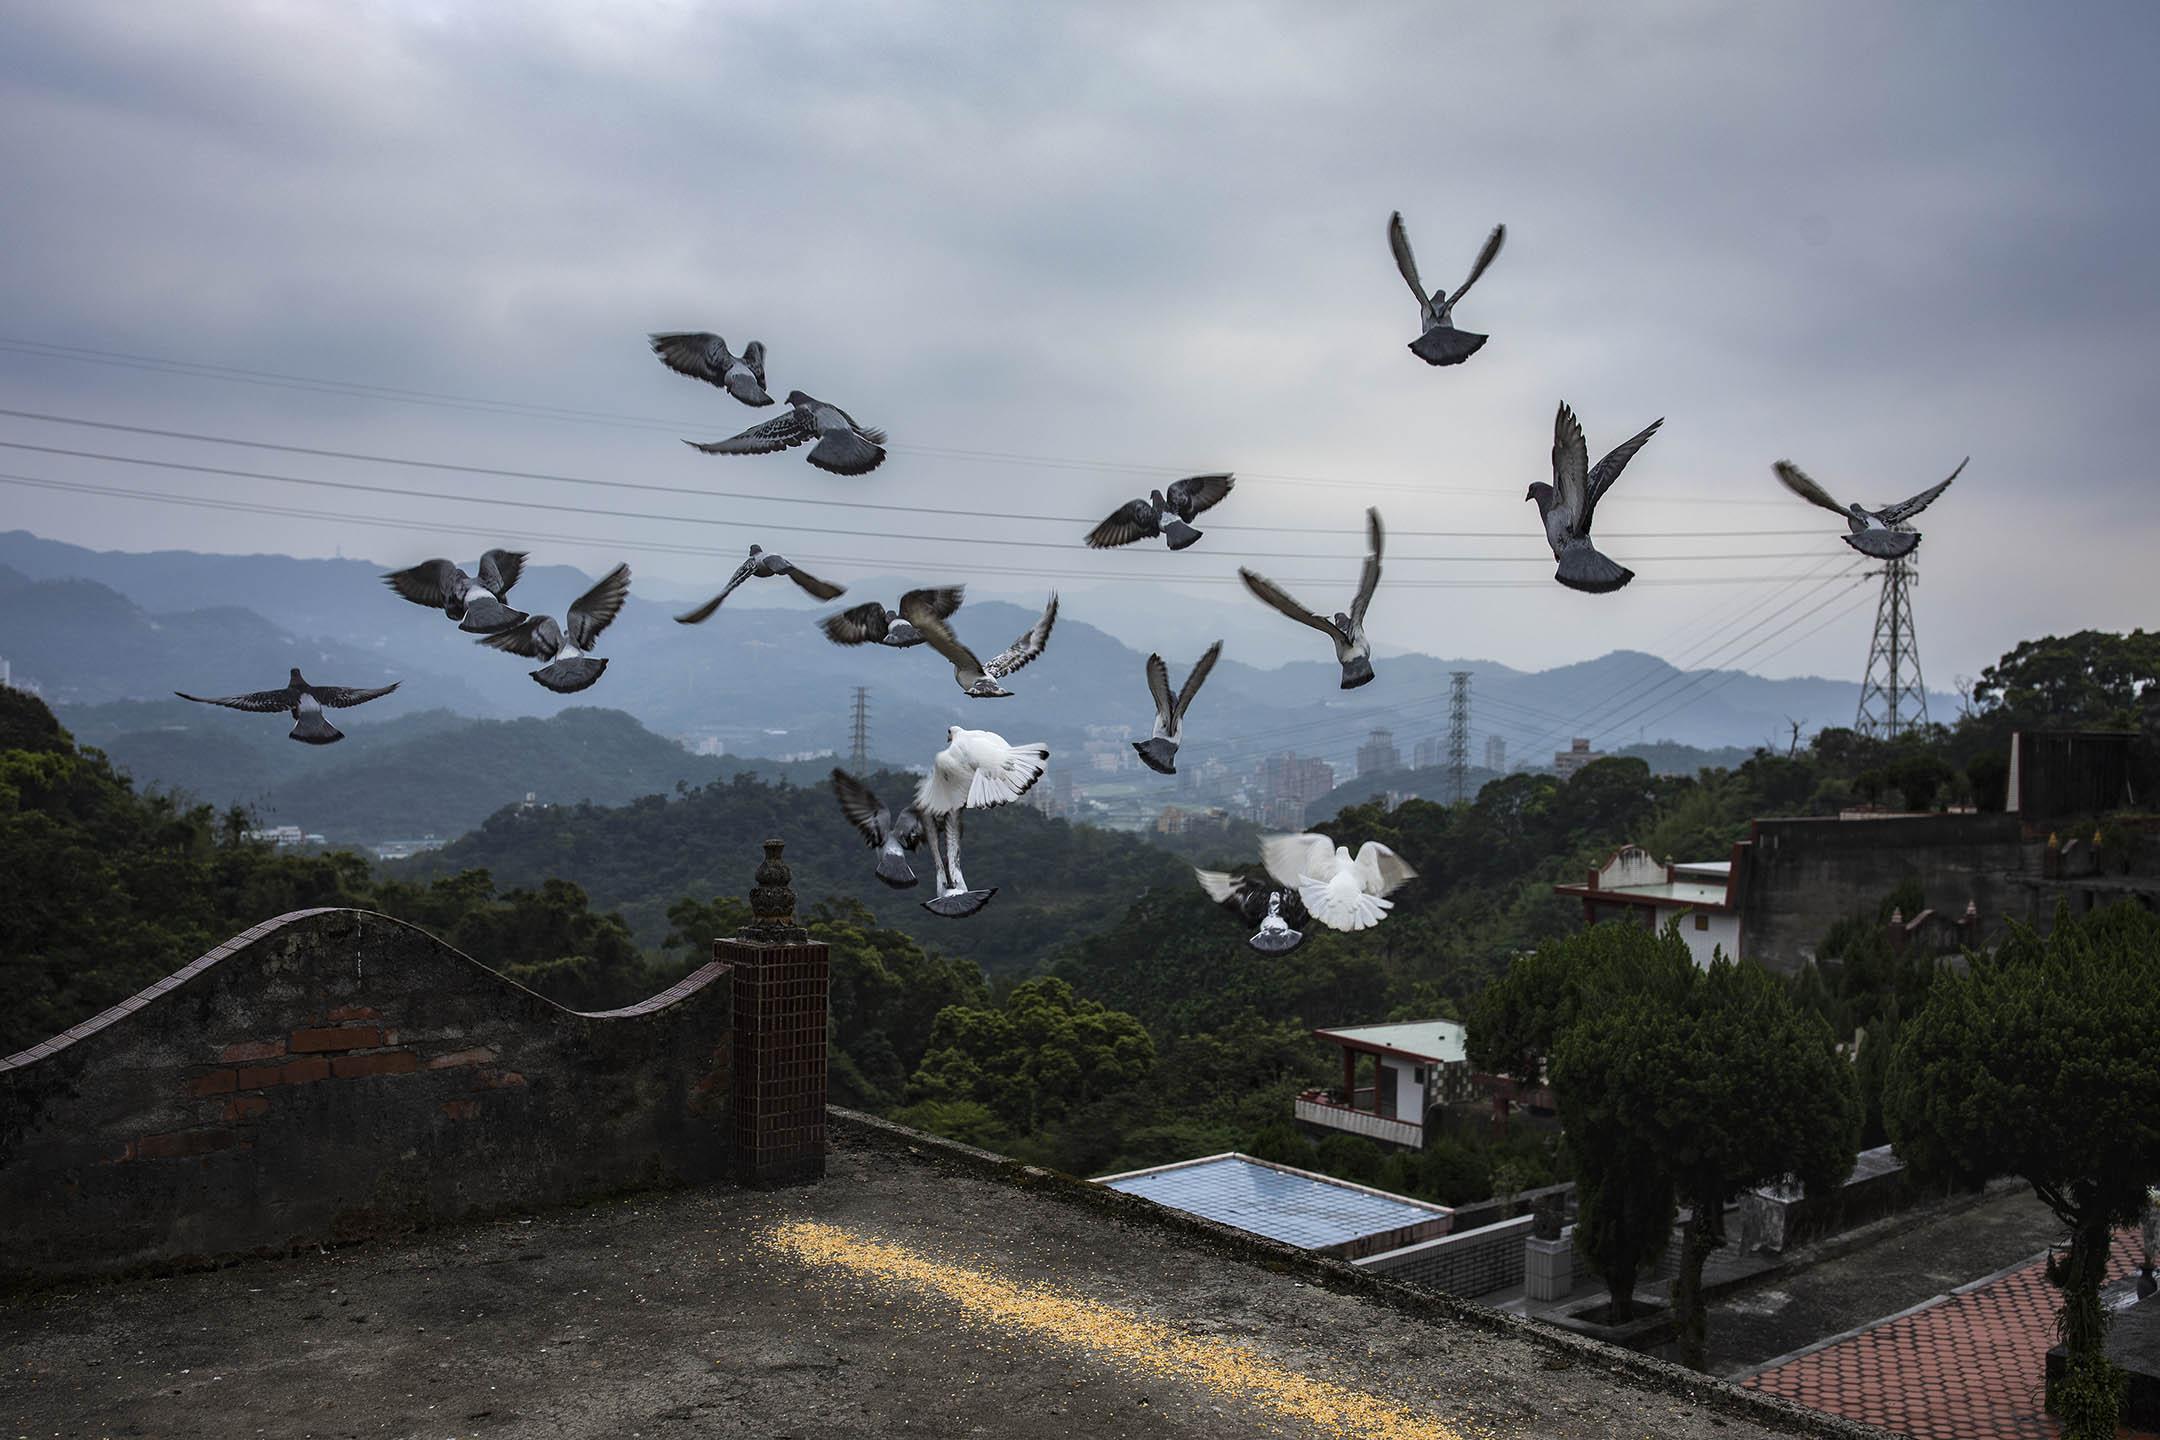 2019年4月6日,台灣富德公墓內的一群鴿子。 攝:陳焯煇/端傳媒